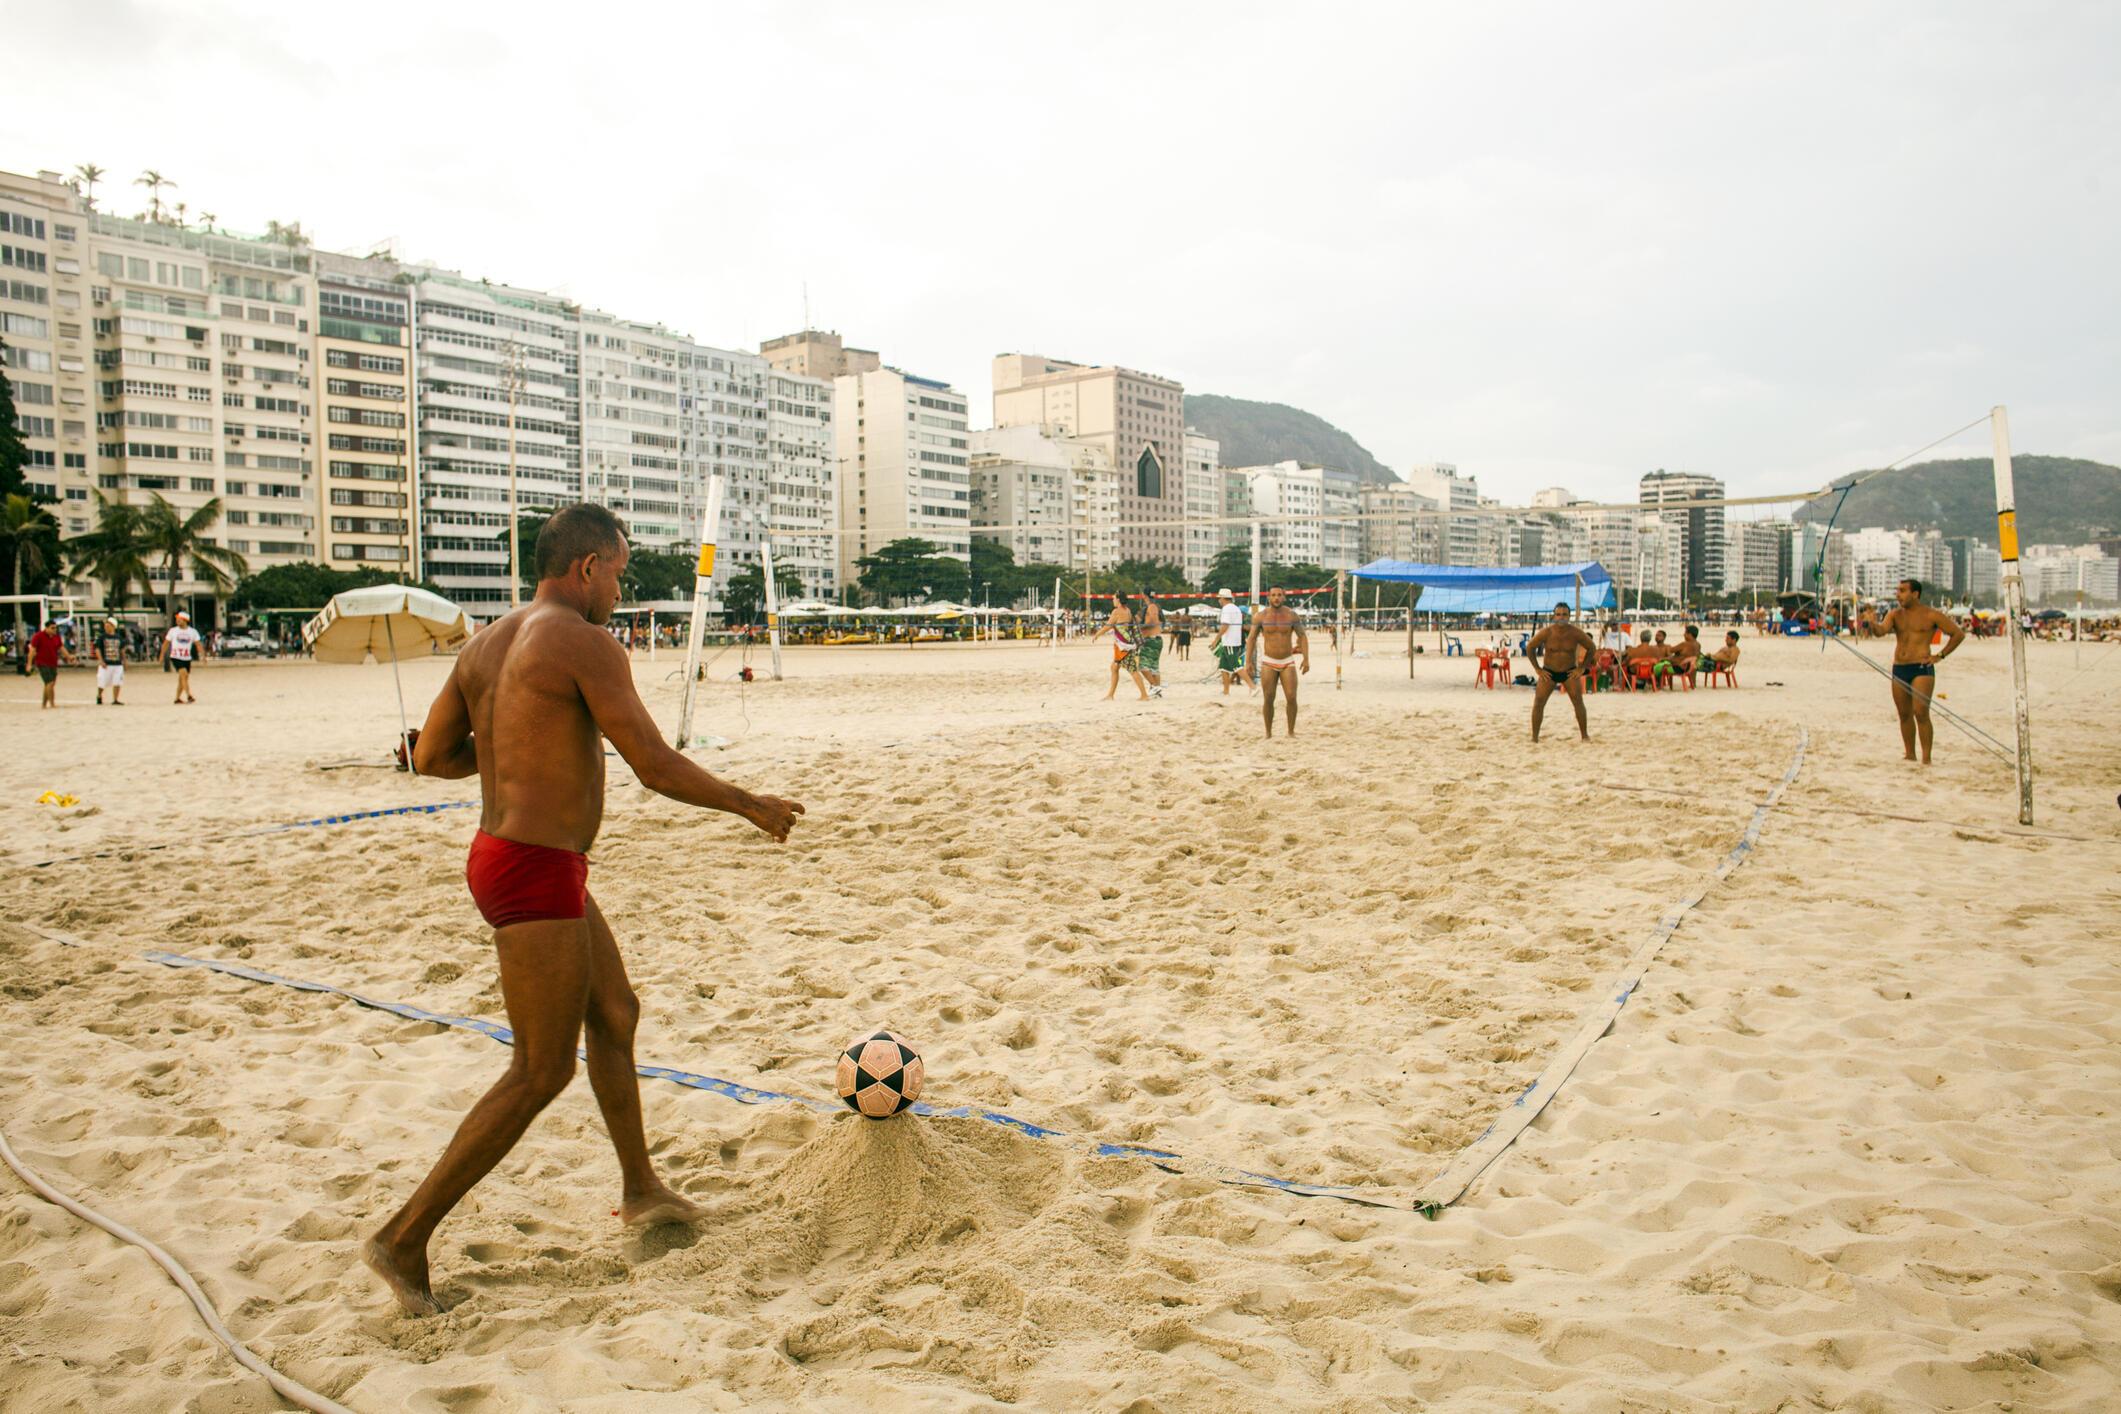 Des Brésiliens jouent au beach volley sur la plage de Copacabana.